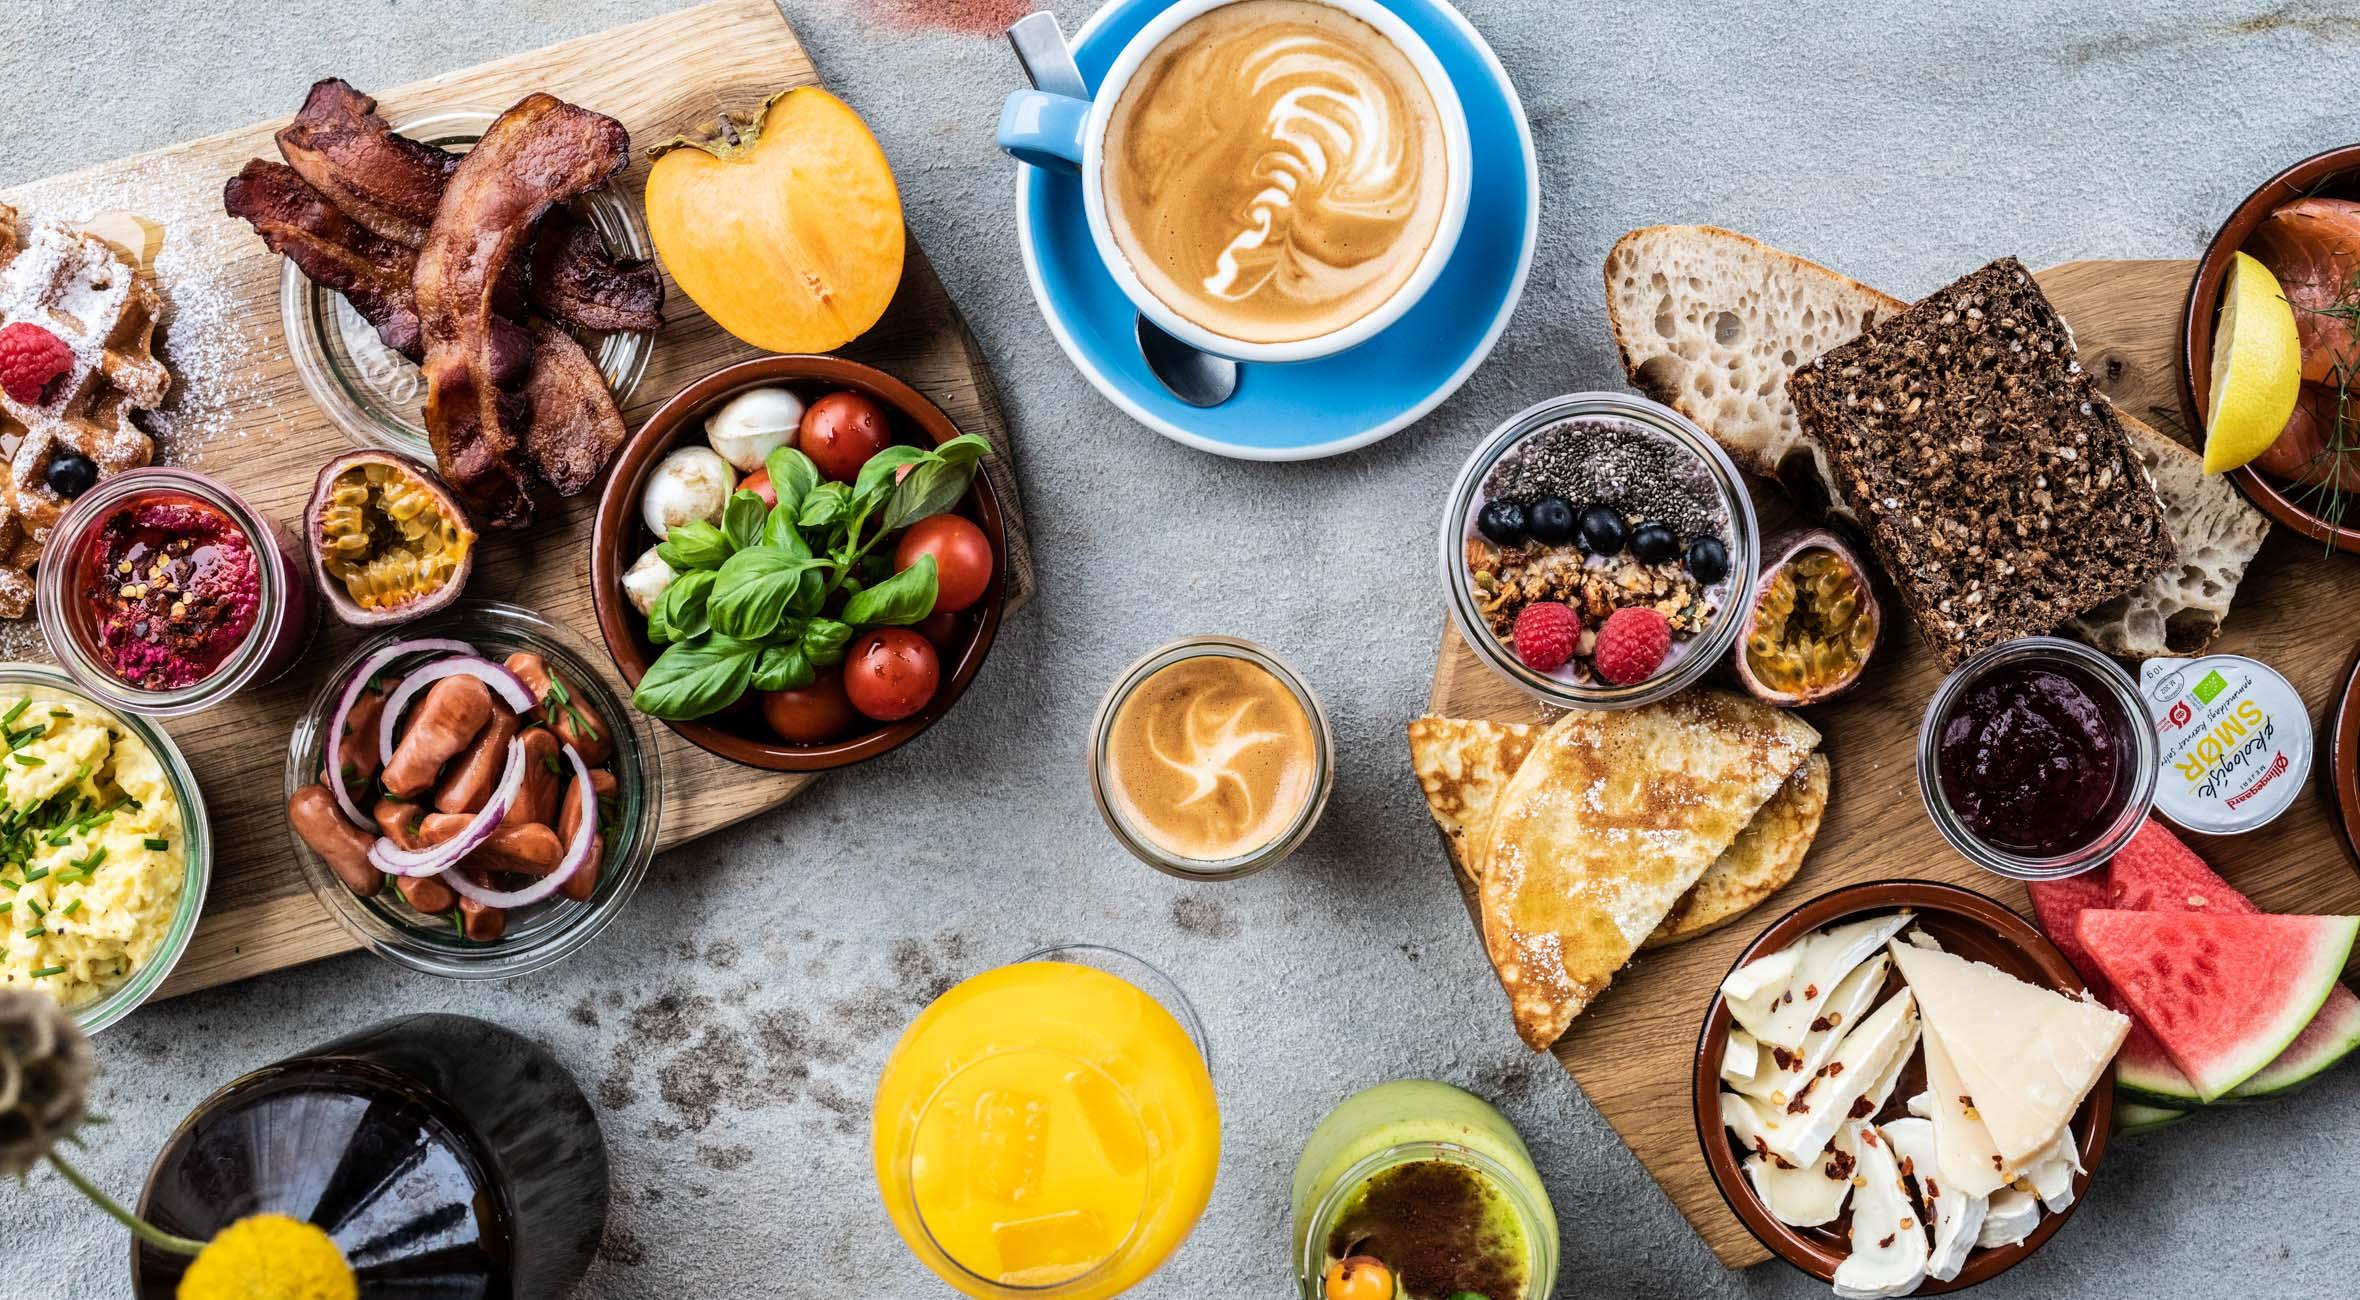 Frit valg til al mad & drikke hos hippe Wecycle på Islands Brygge – Unikt cykel- og cafékoncept har indtaget København